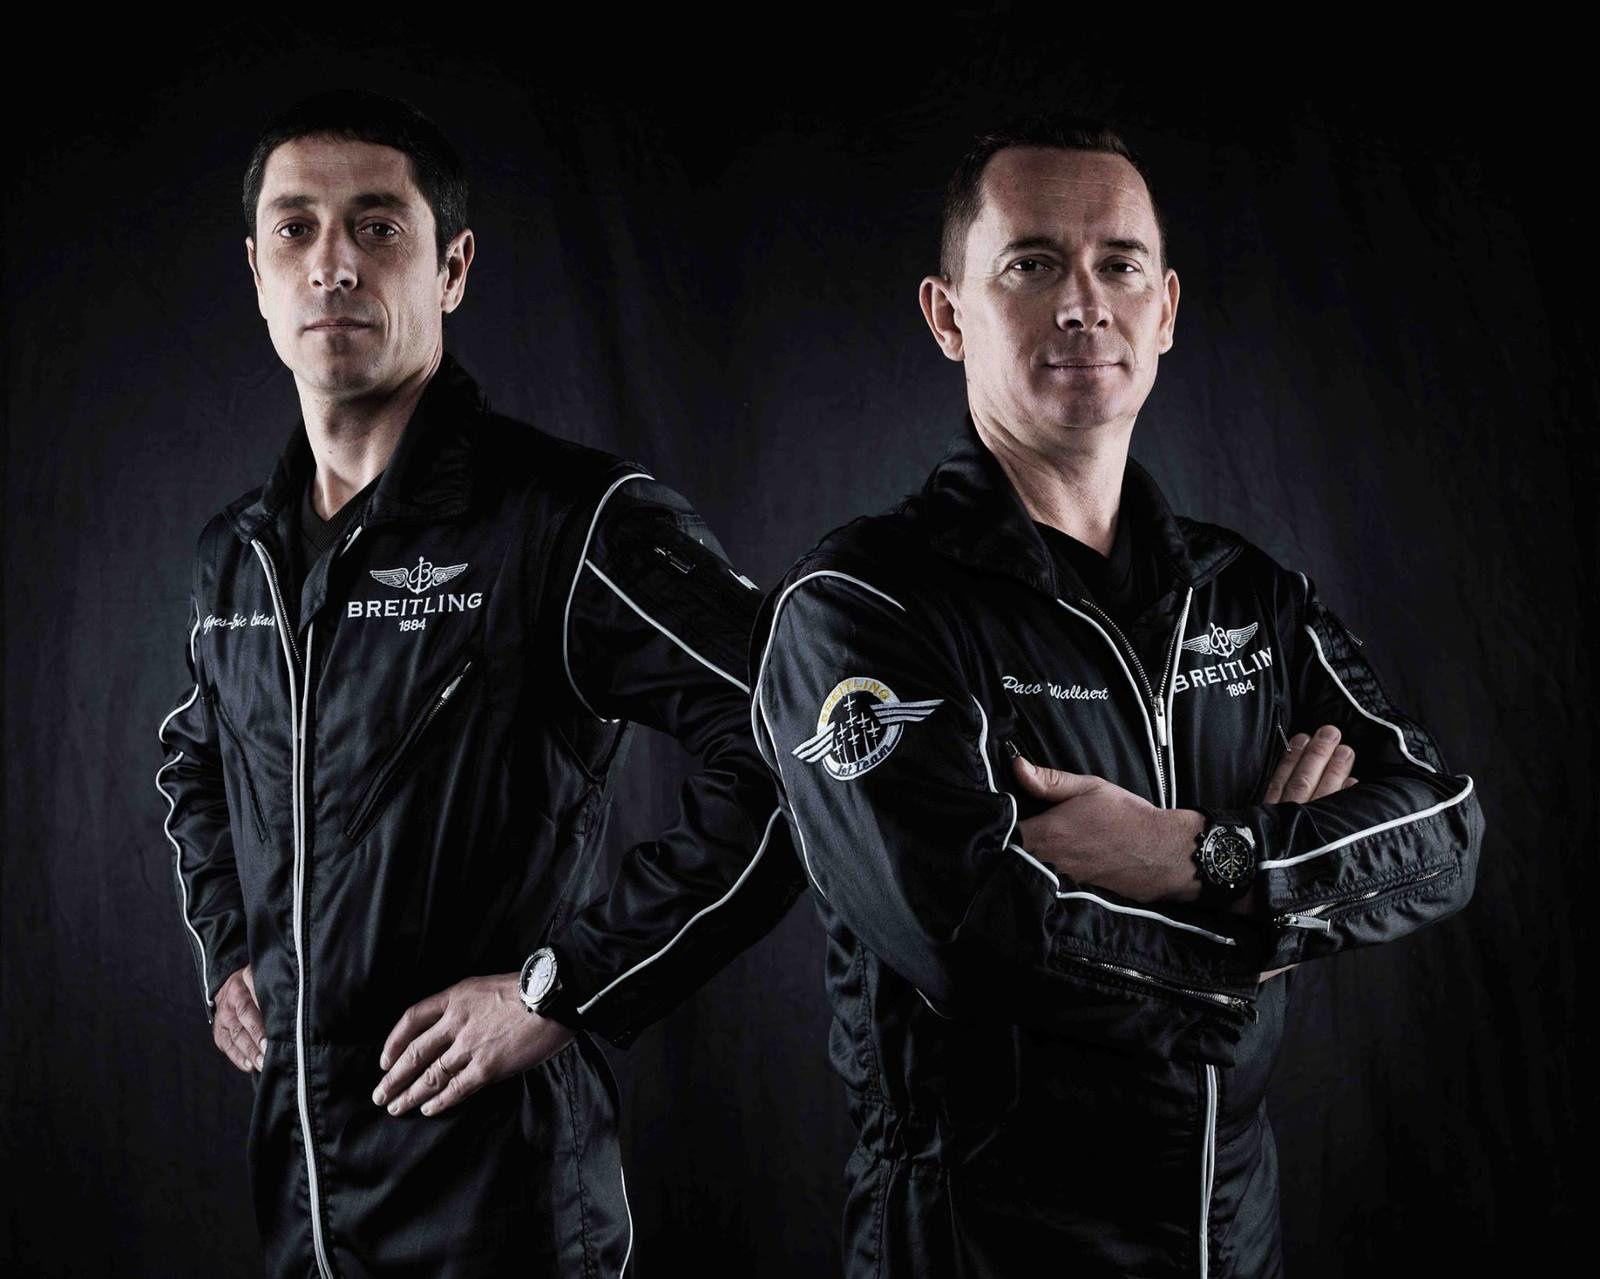 Deux anciens pilotes de la Patrouille de France intègrent la Breitling Jet Team